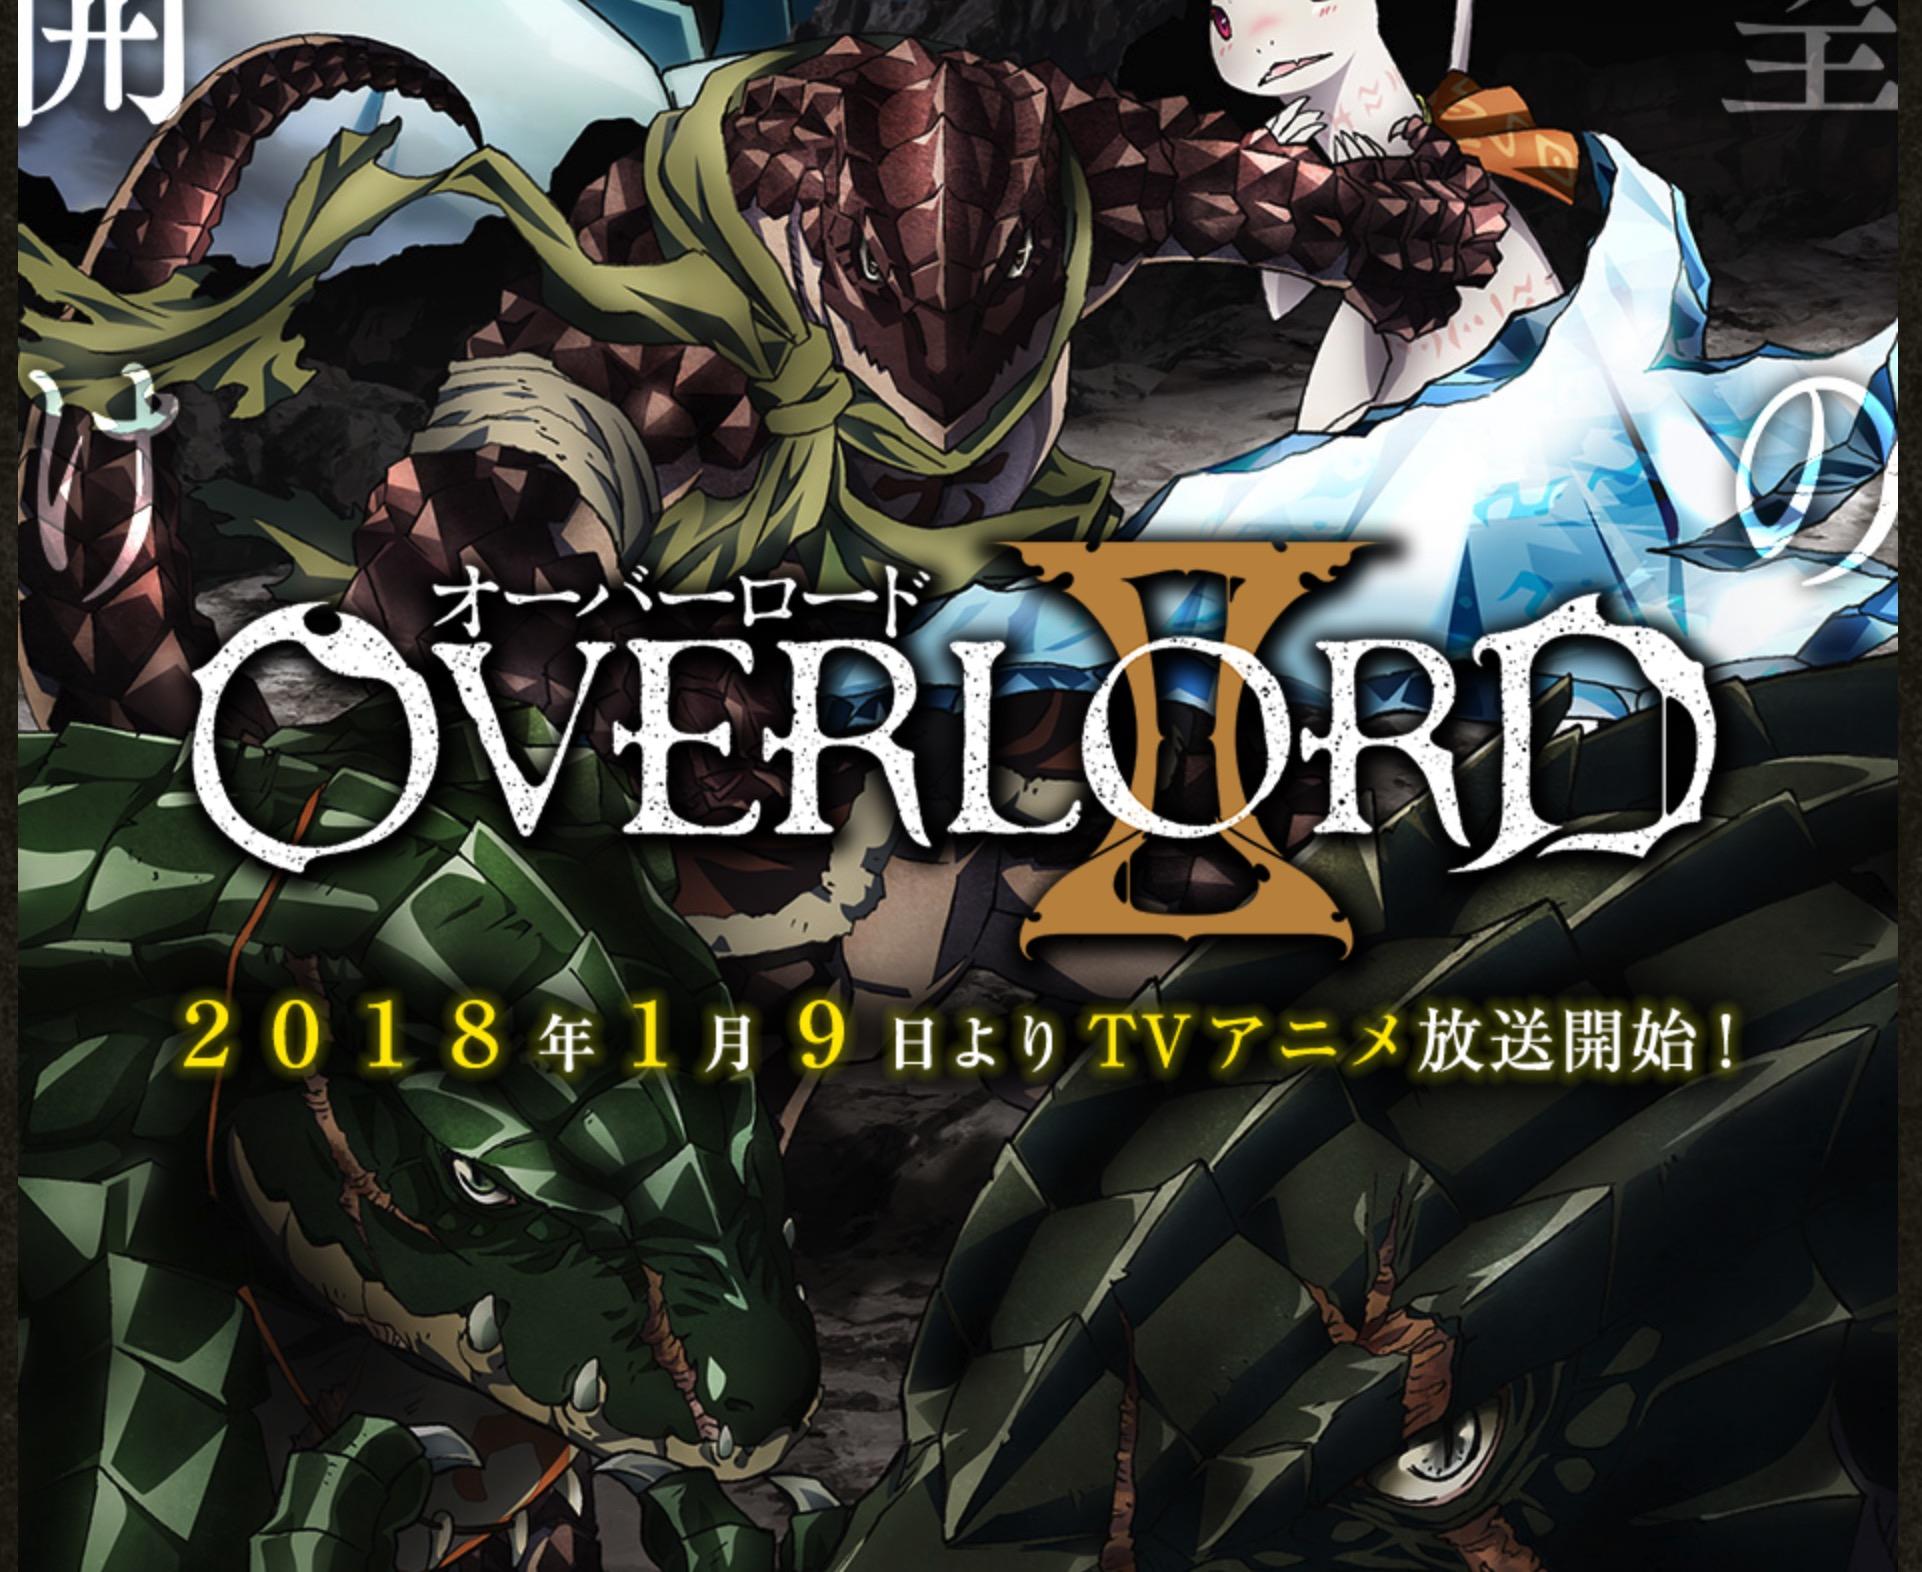 アニメ『オーバーロードII』見逃し動画無料配信